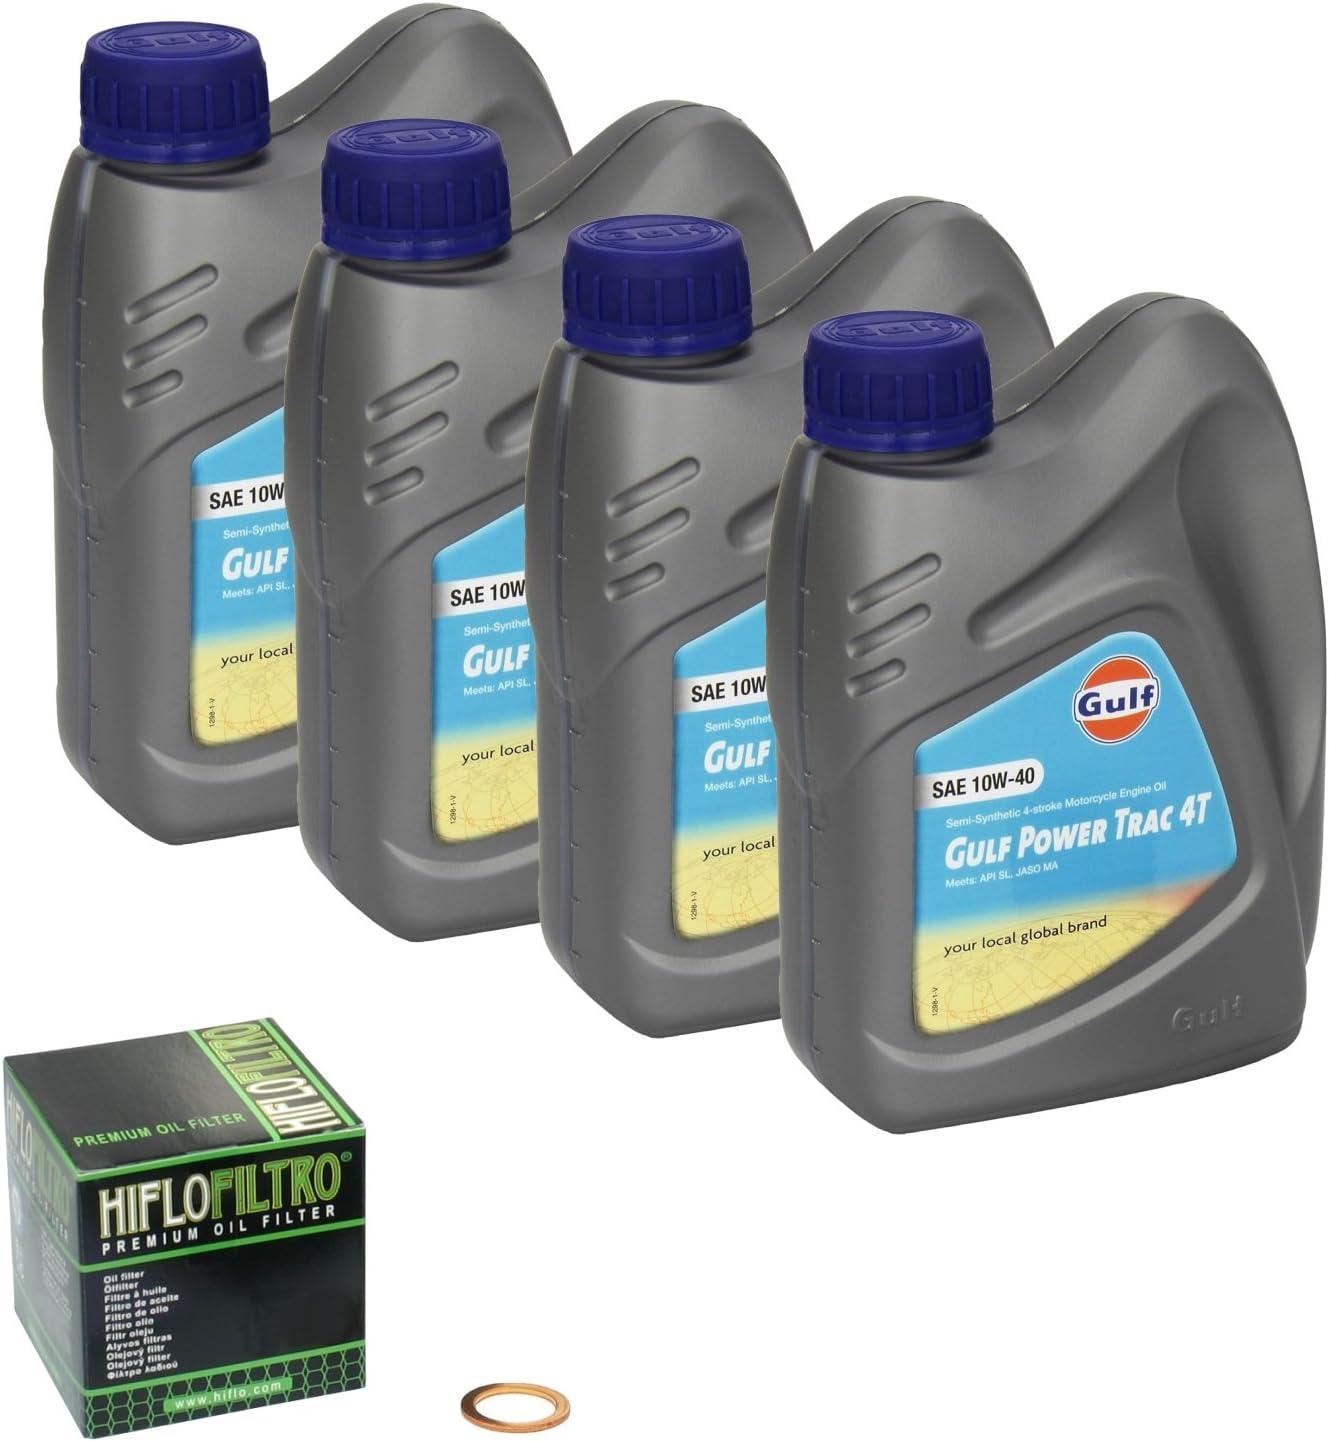 Gulf Power Trac 10w 40 Ölwechsel Set Suzuki Bandit 1200 Gsf 1200 Bj 96 06 Motoröl Hiflo Ölfilter Und Dichtring Auto